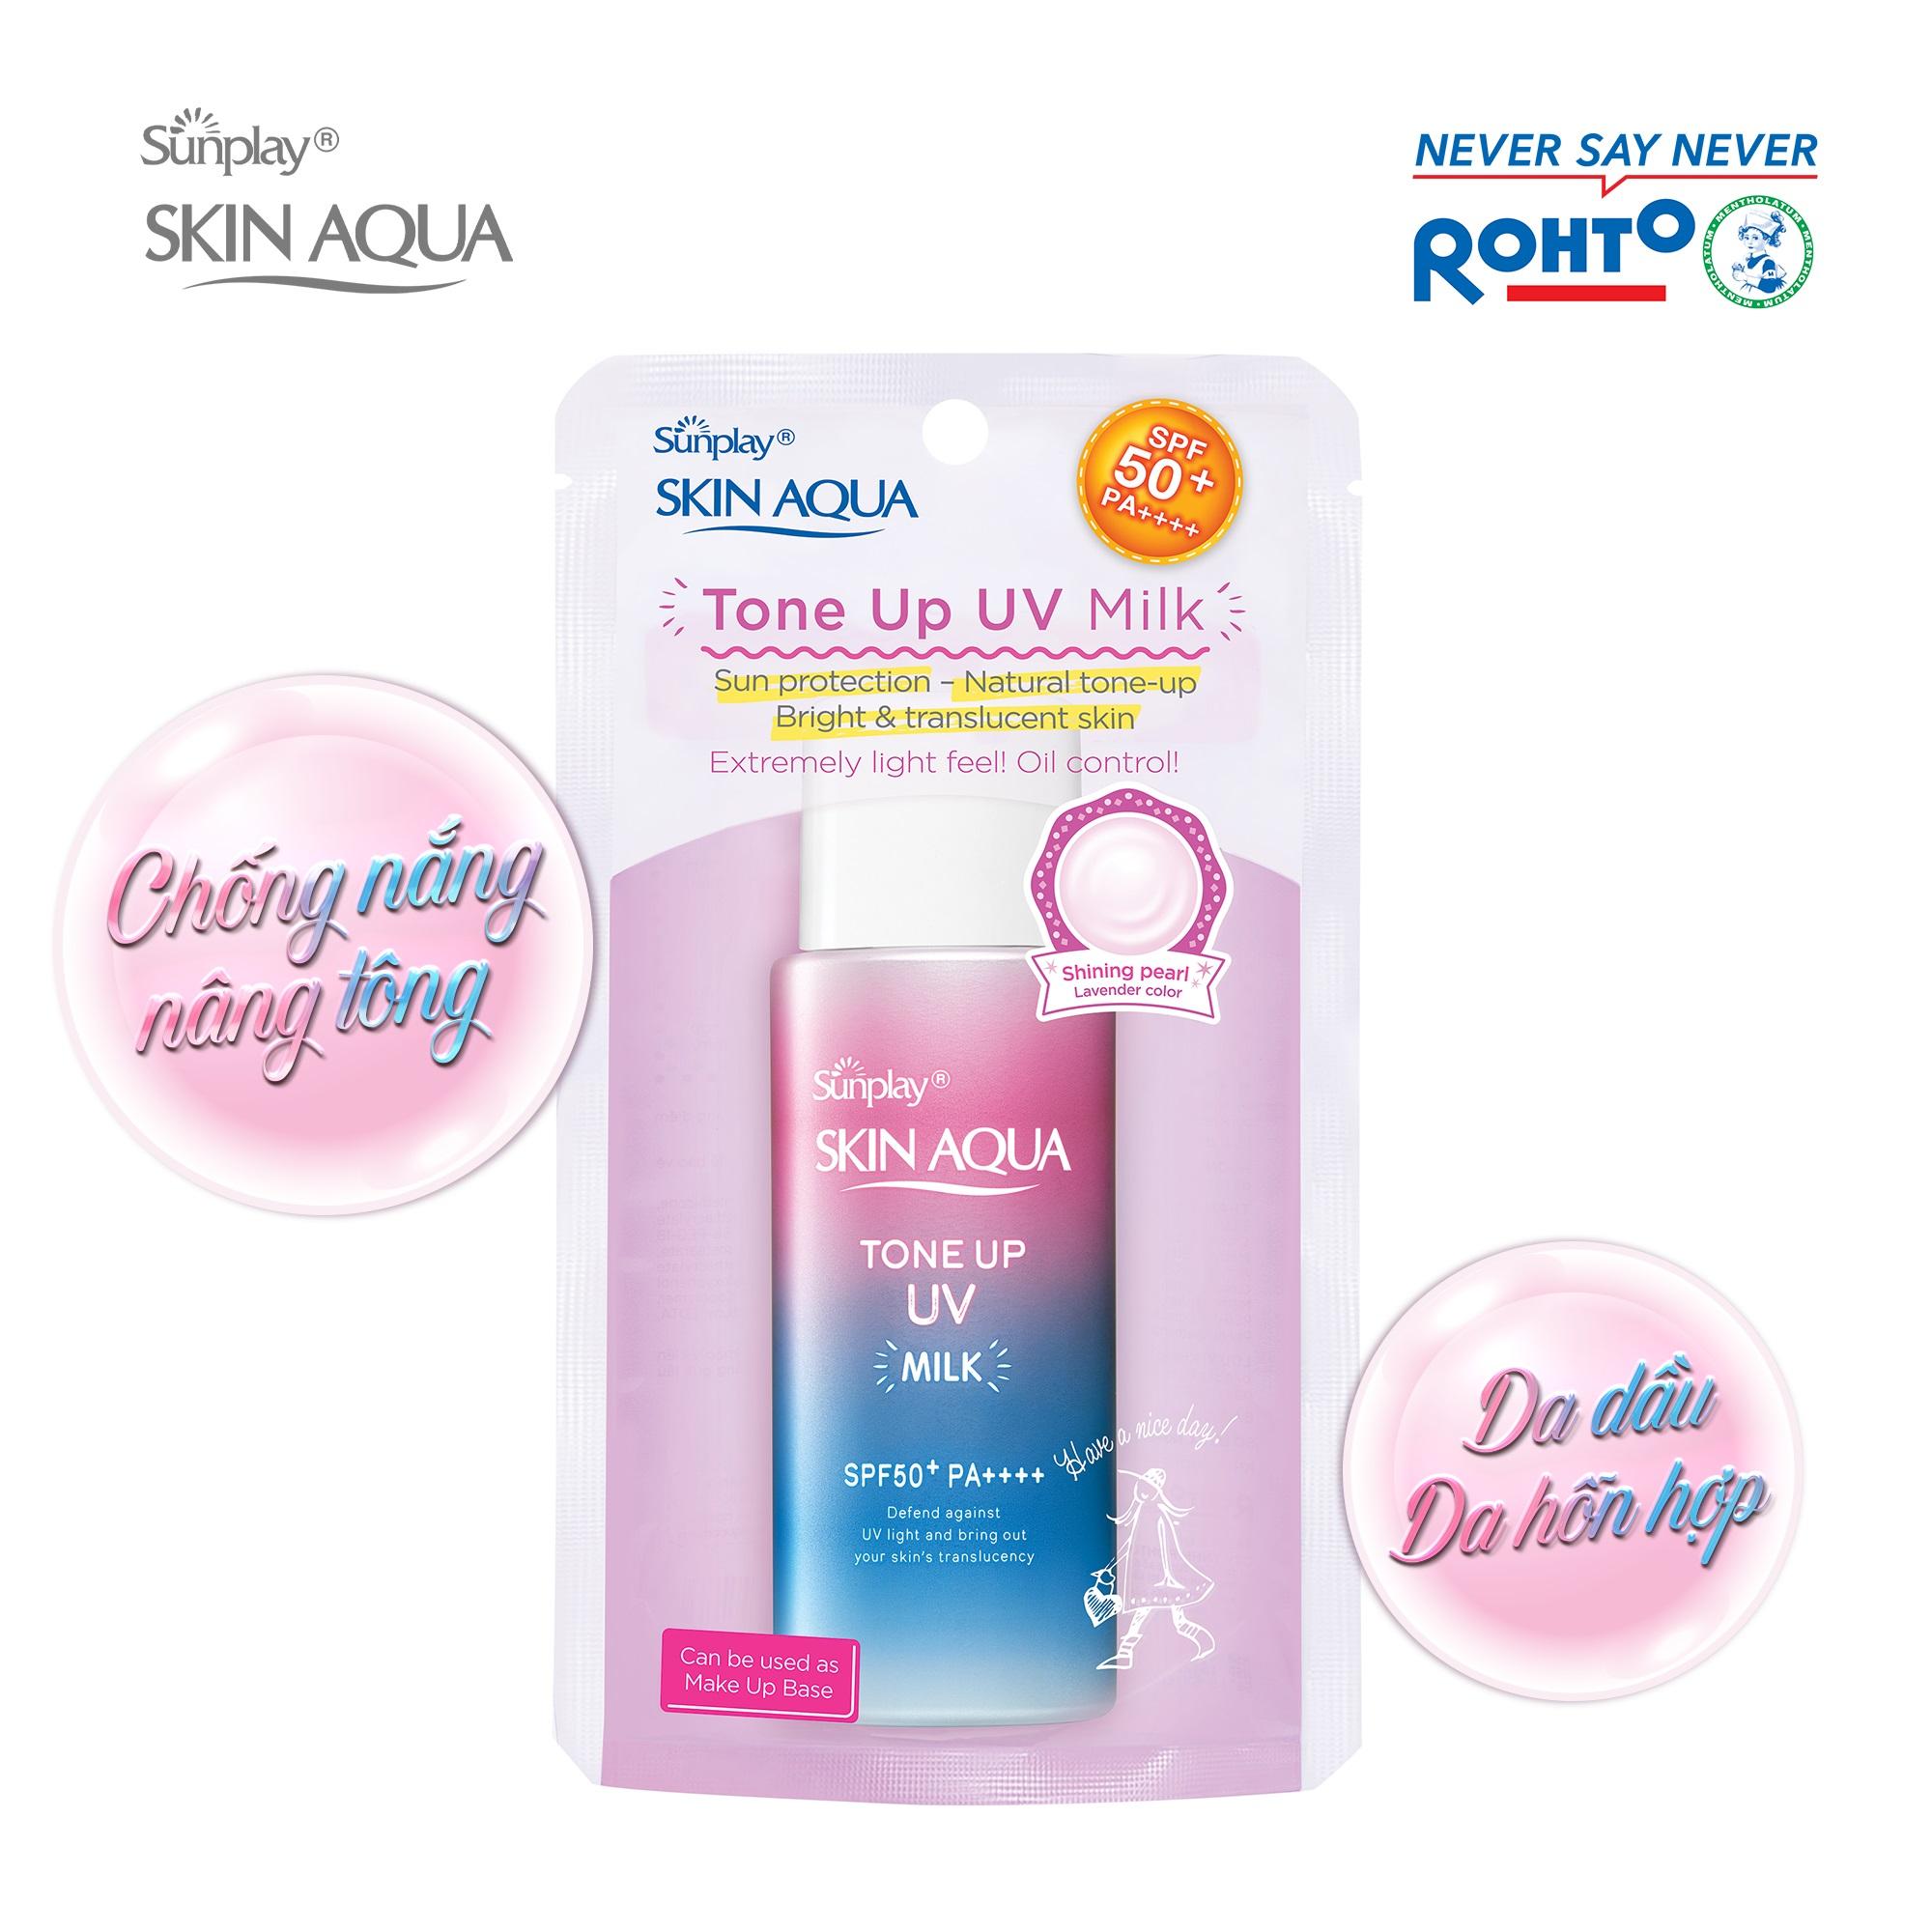 Kem chống nắng dạng sữa hiệu chỉnh sắc da Sunplay Skin Aqua Tone Up UV Milk SPF50+ PA++++ 50g